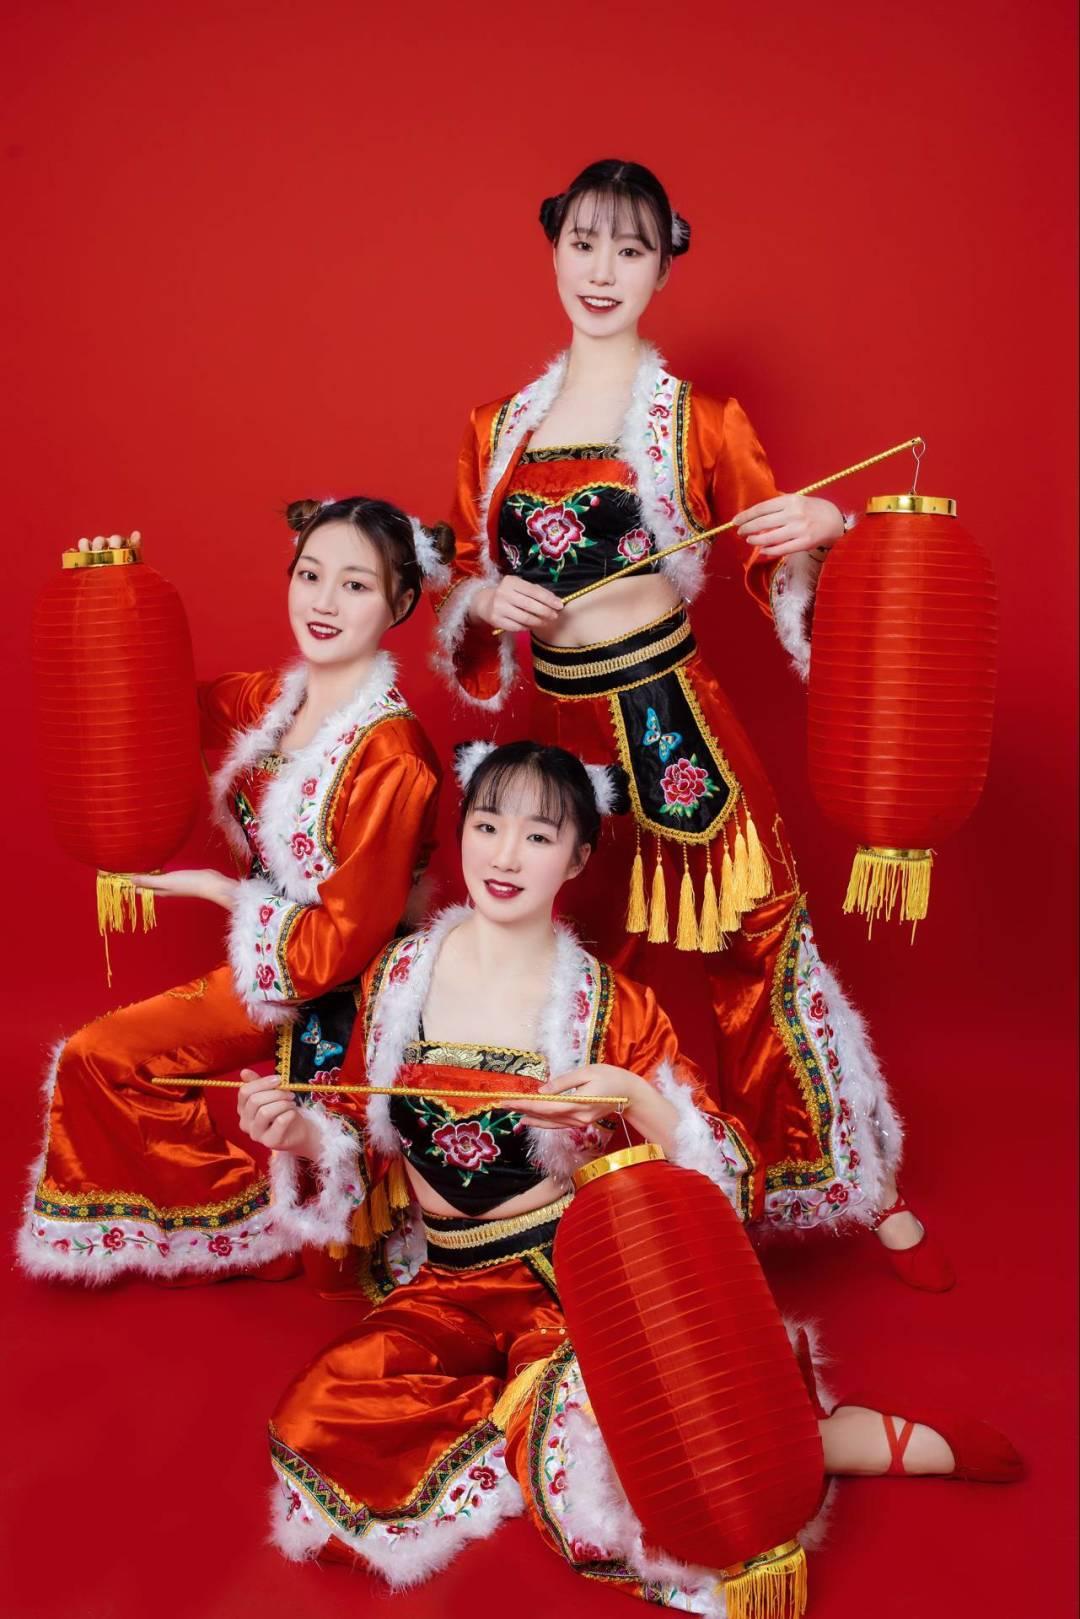 """重庆工商大学第七届""""新儒商""""大学生艺术文化节舞蹈大赛"""